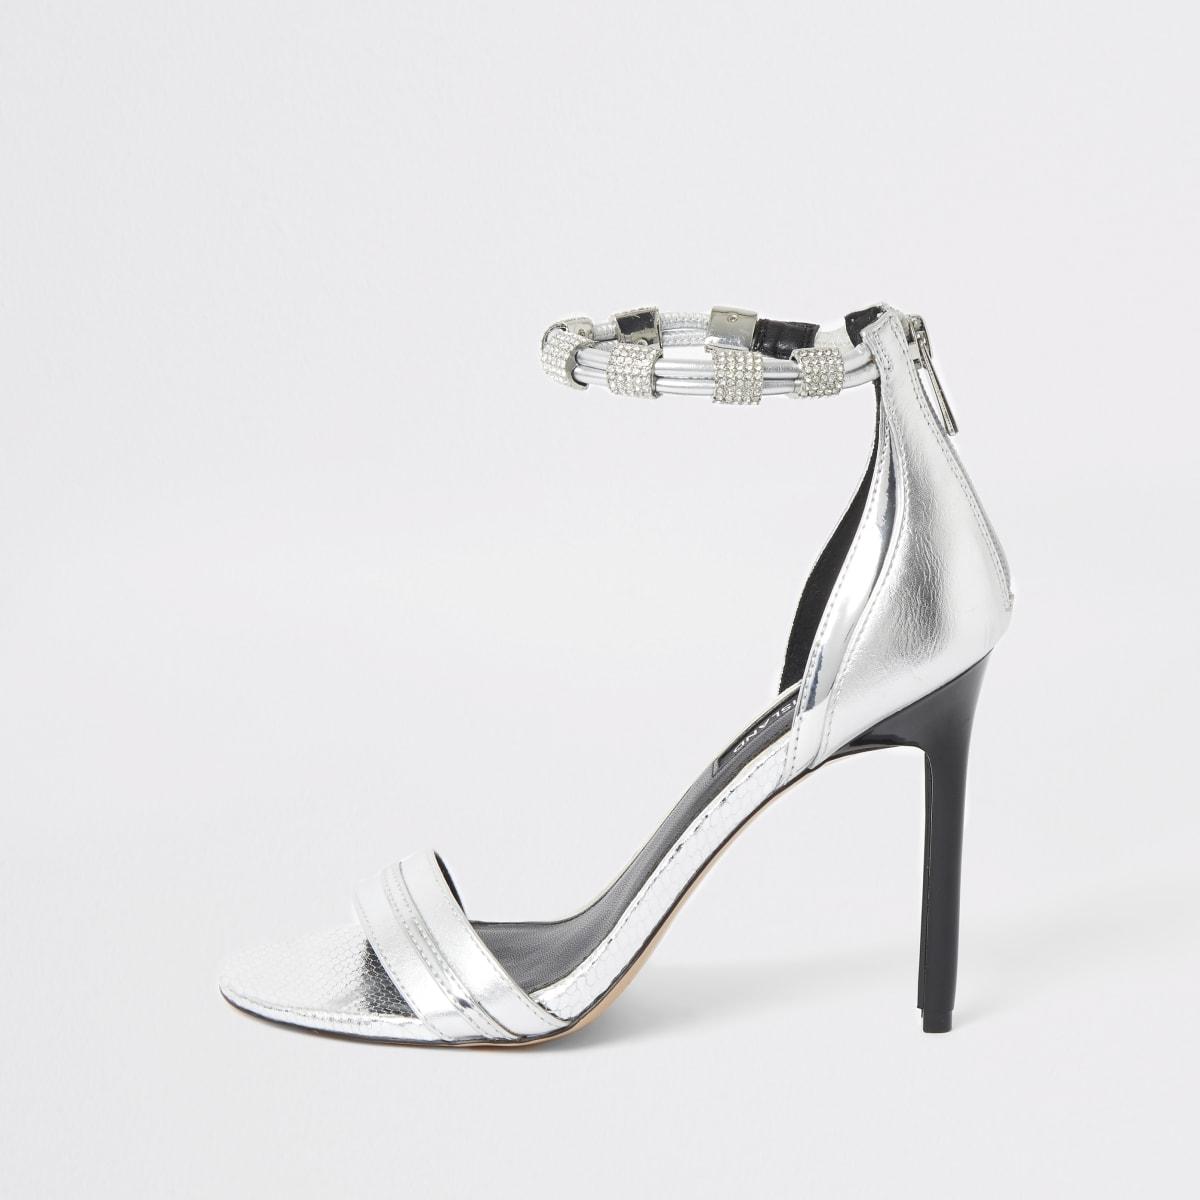 Zilverkleurige sandalen met smalle hak en stras